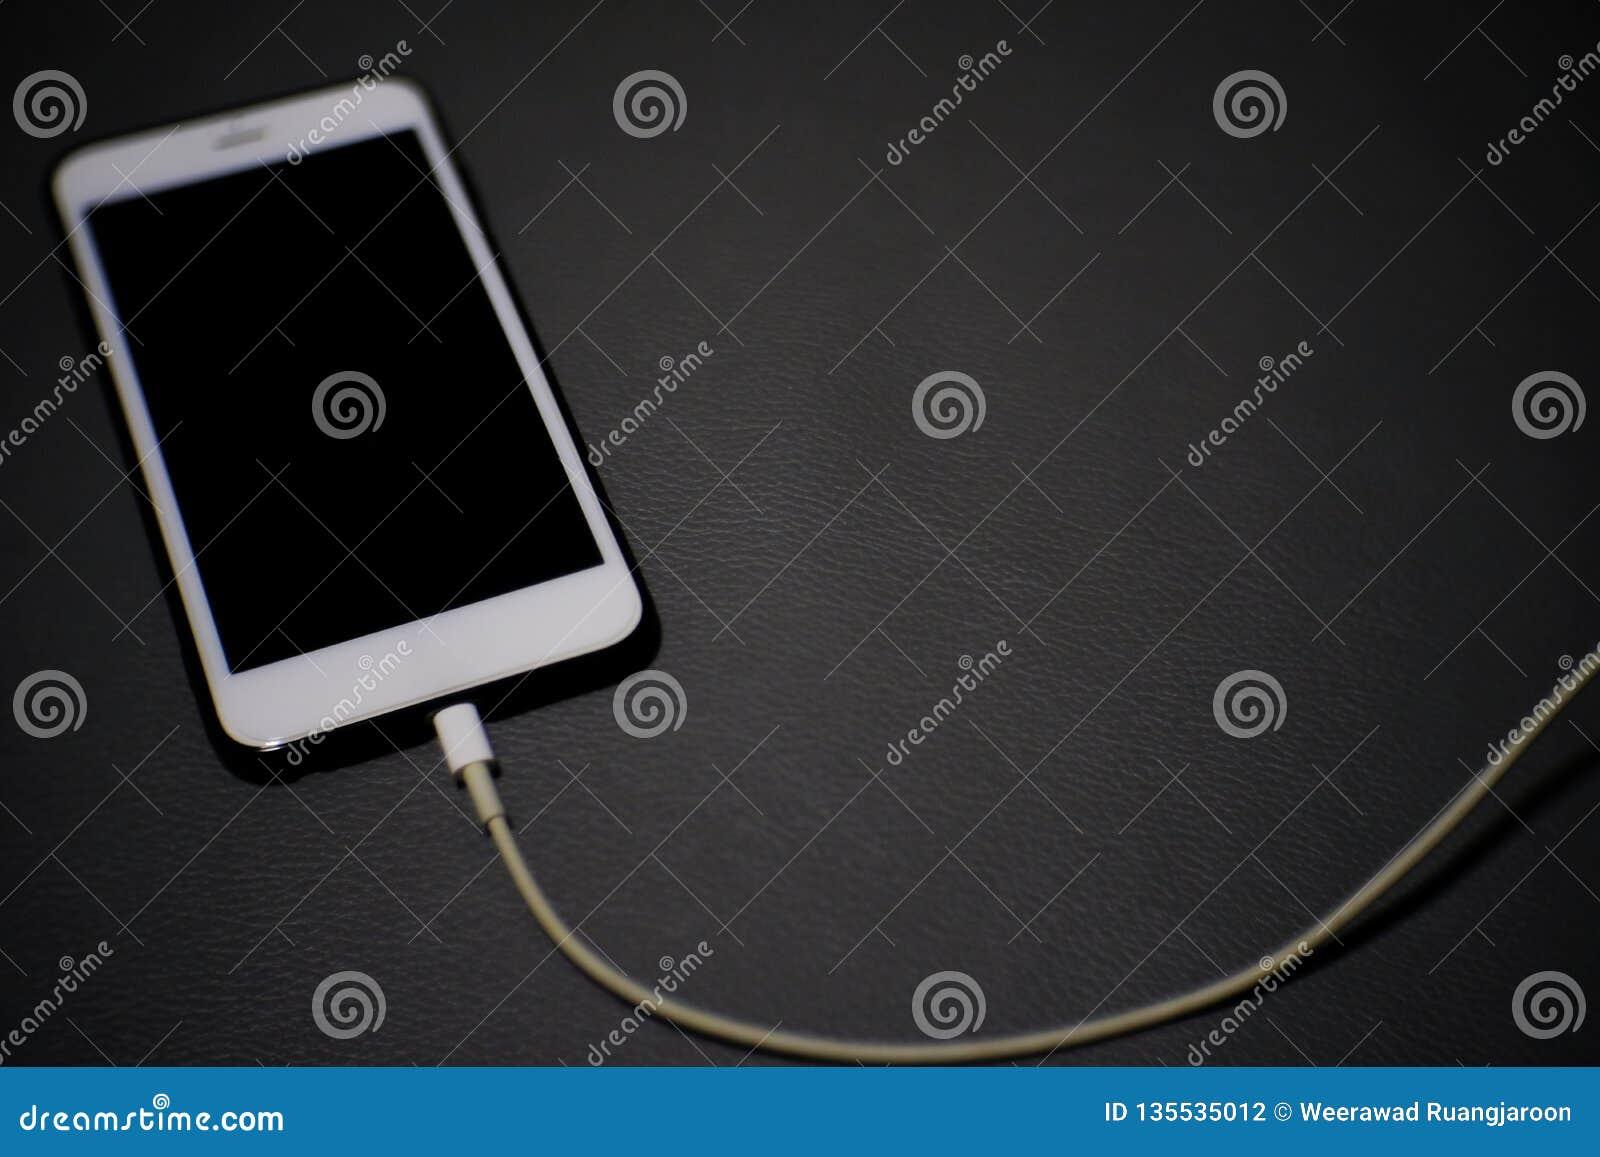 Mobiler Smartphone lädt die Batterie auf grauem Hintergrund auf